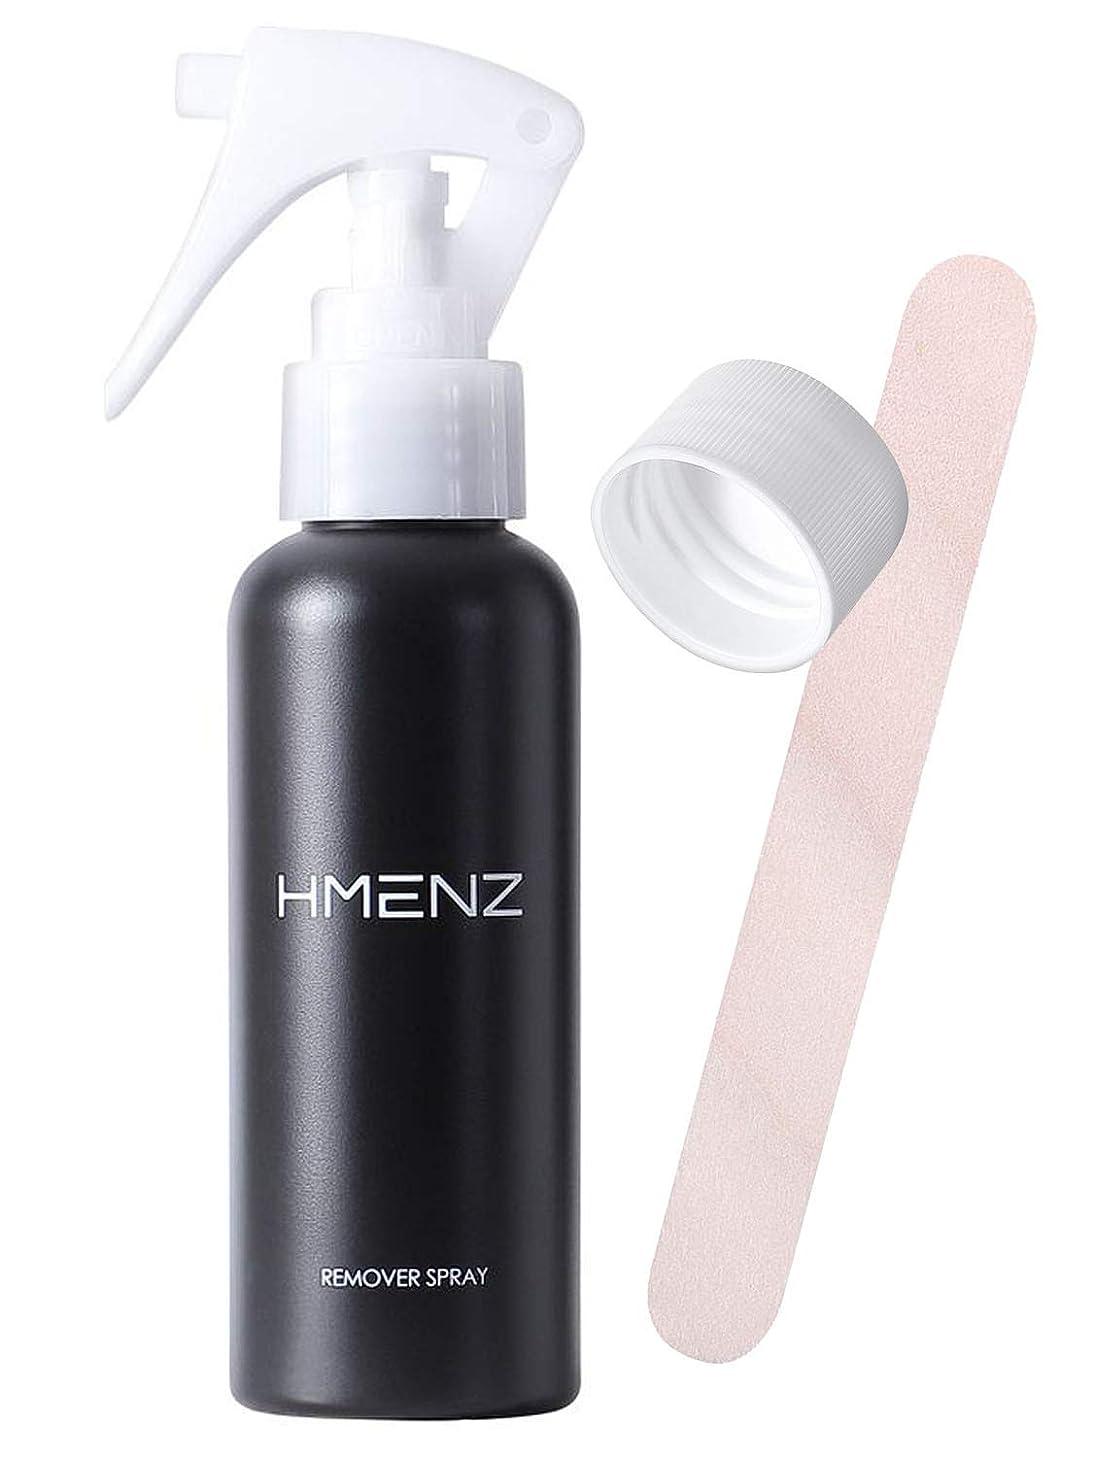 細い怒って犯す医薬部外品 除毛クリーム 男性 用 HMENZ メンズ 除毛スプレー ヘラ 付き 100g 「 たっぷり 保湿 デリケート 敏感肌 でも使える じょもうクリーム 」「 ワキ 腕 脚 用 除毛剤 臭い大幅カット 」